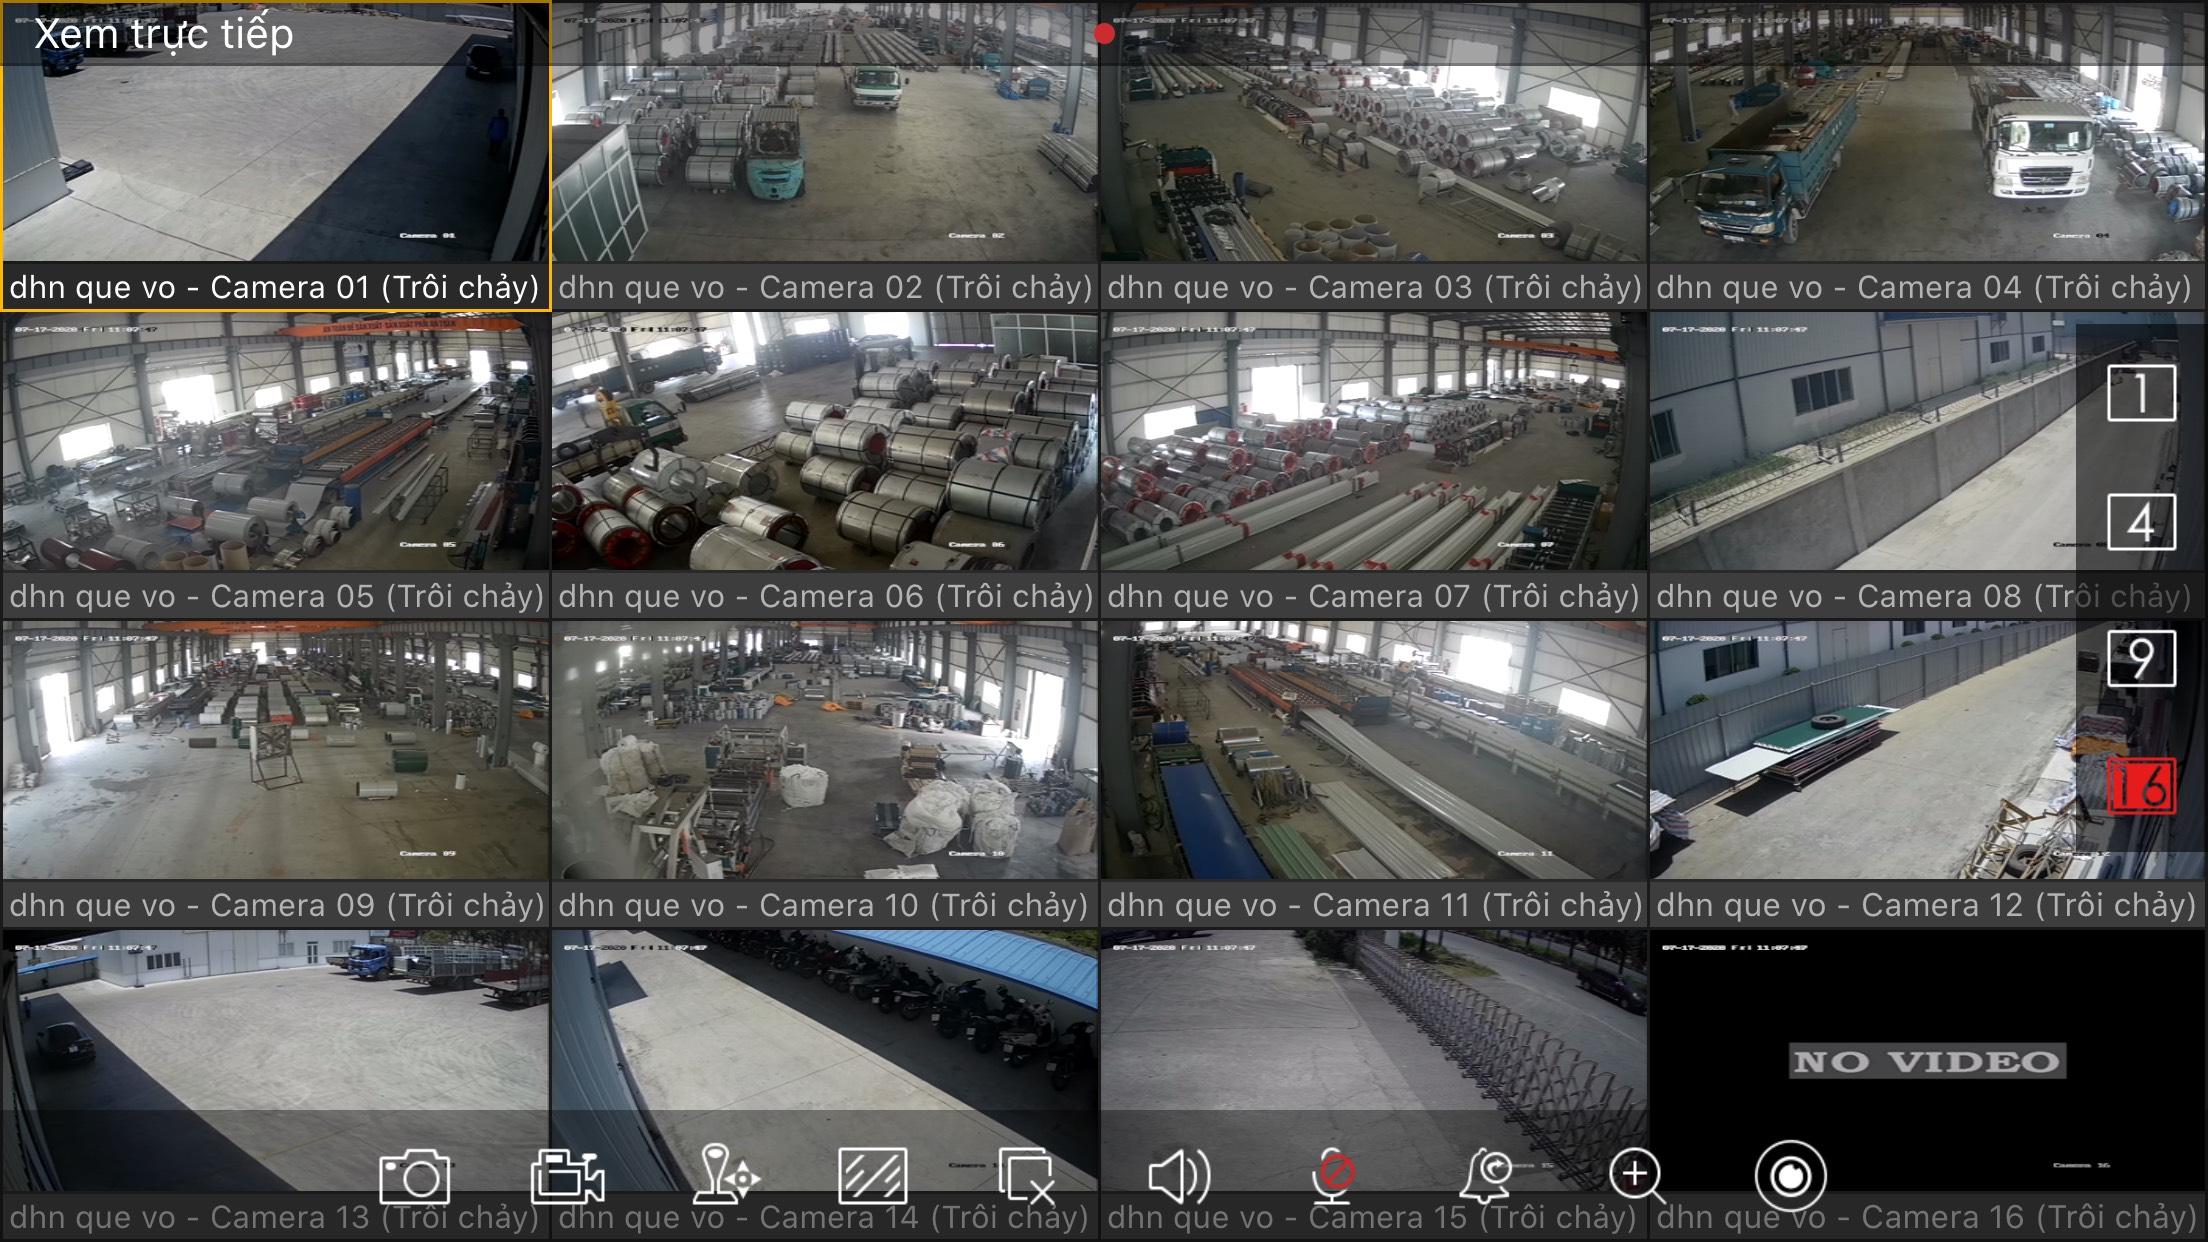 Công trình camera Hikvision cho công ty Đại Hoàng Nam